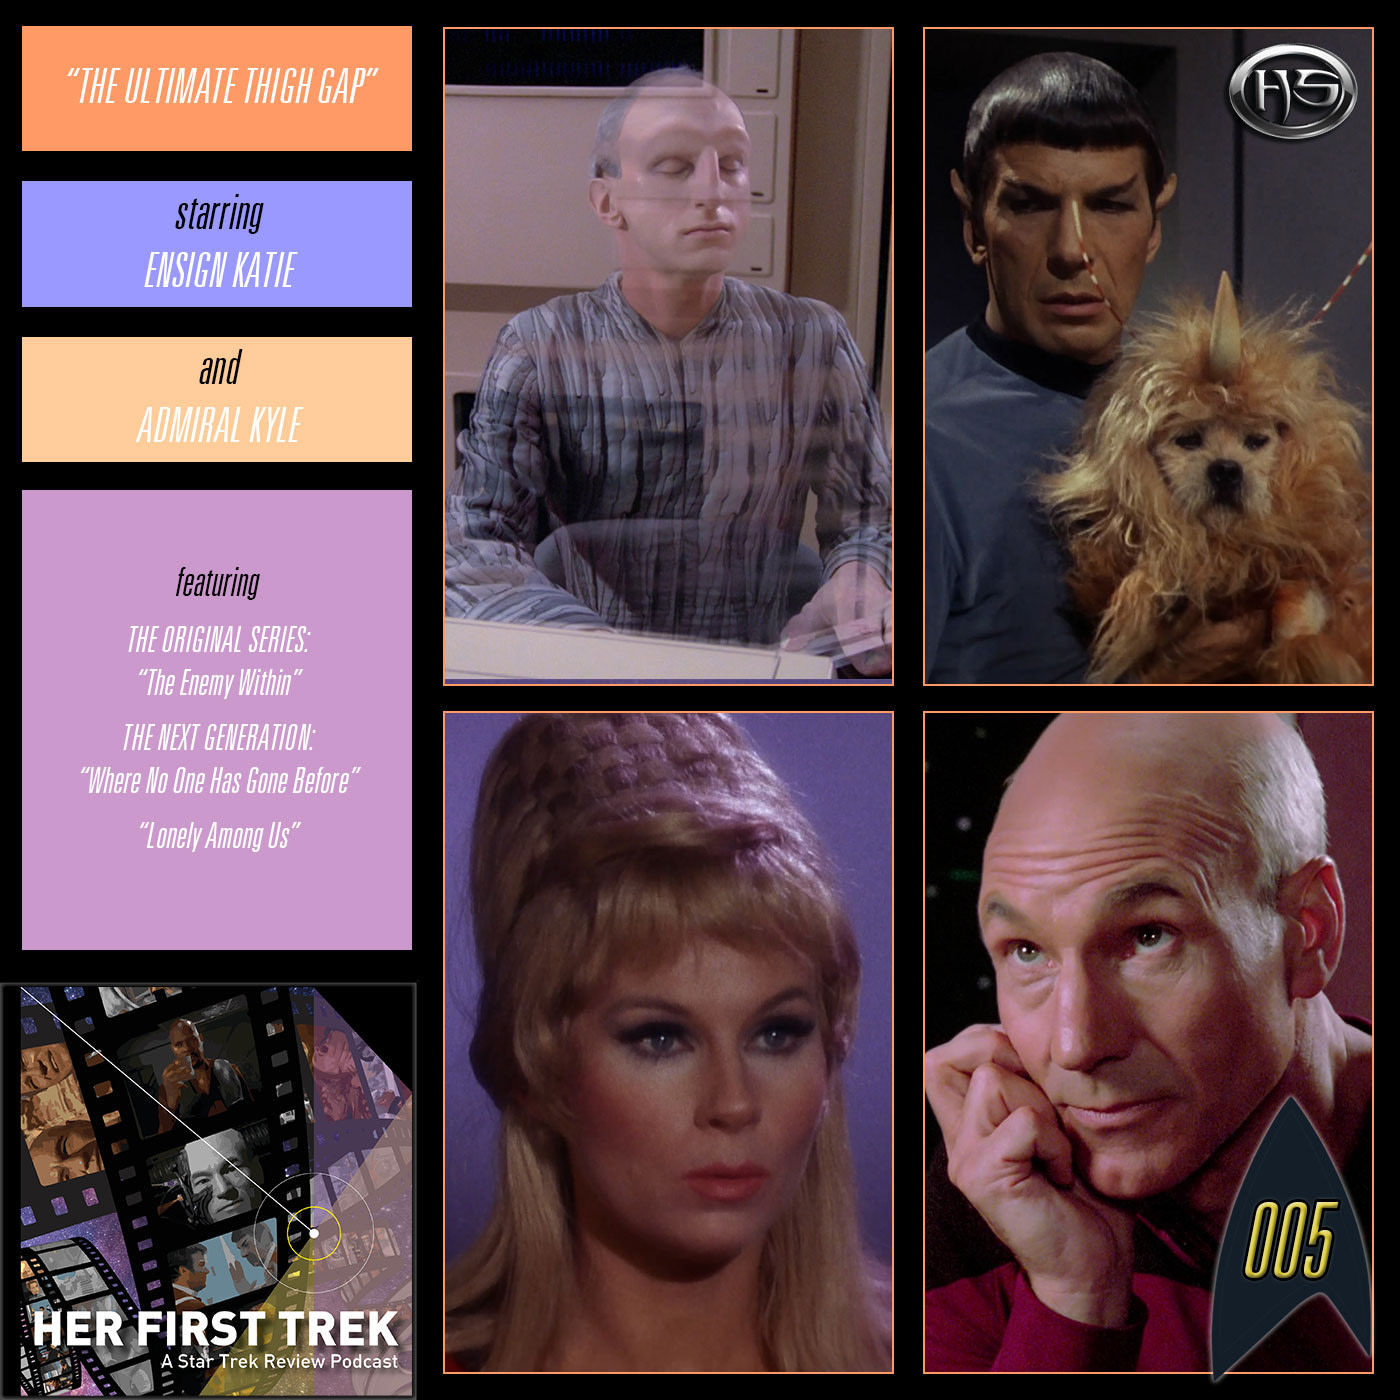 Her First Trek Episode 5